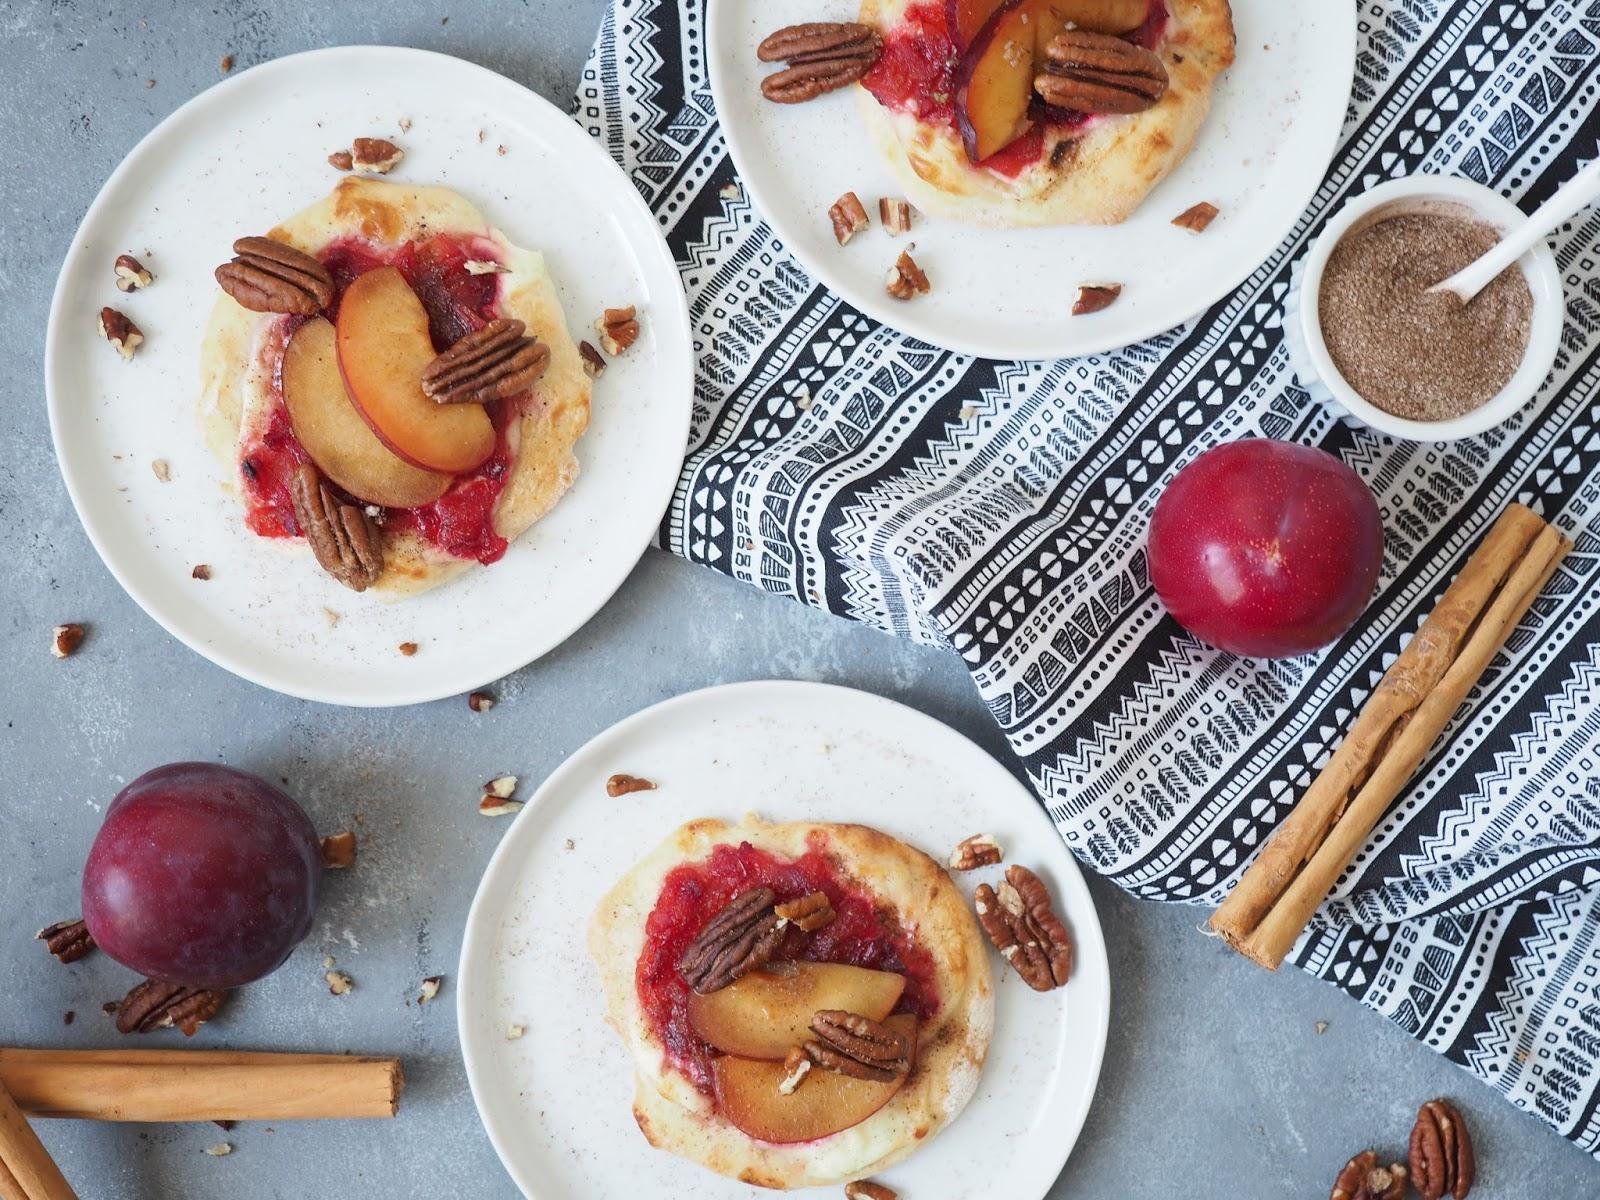 So schmeckt der Herbst: Süße Mini-Flammkuchen mit Pflaumen und Zimt